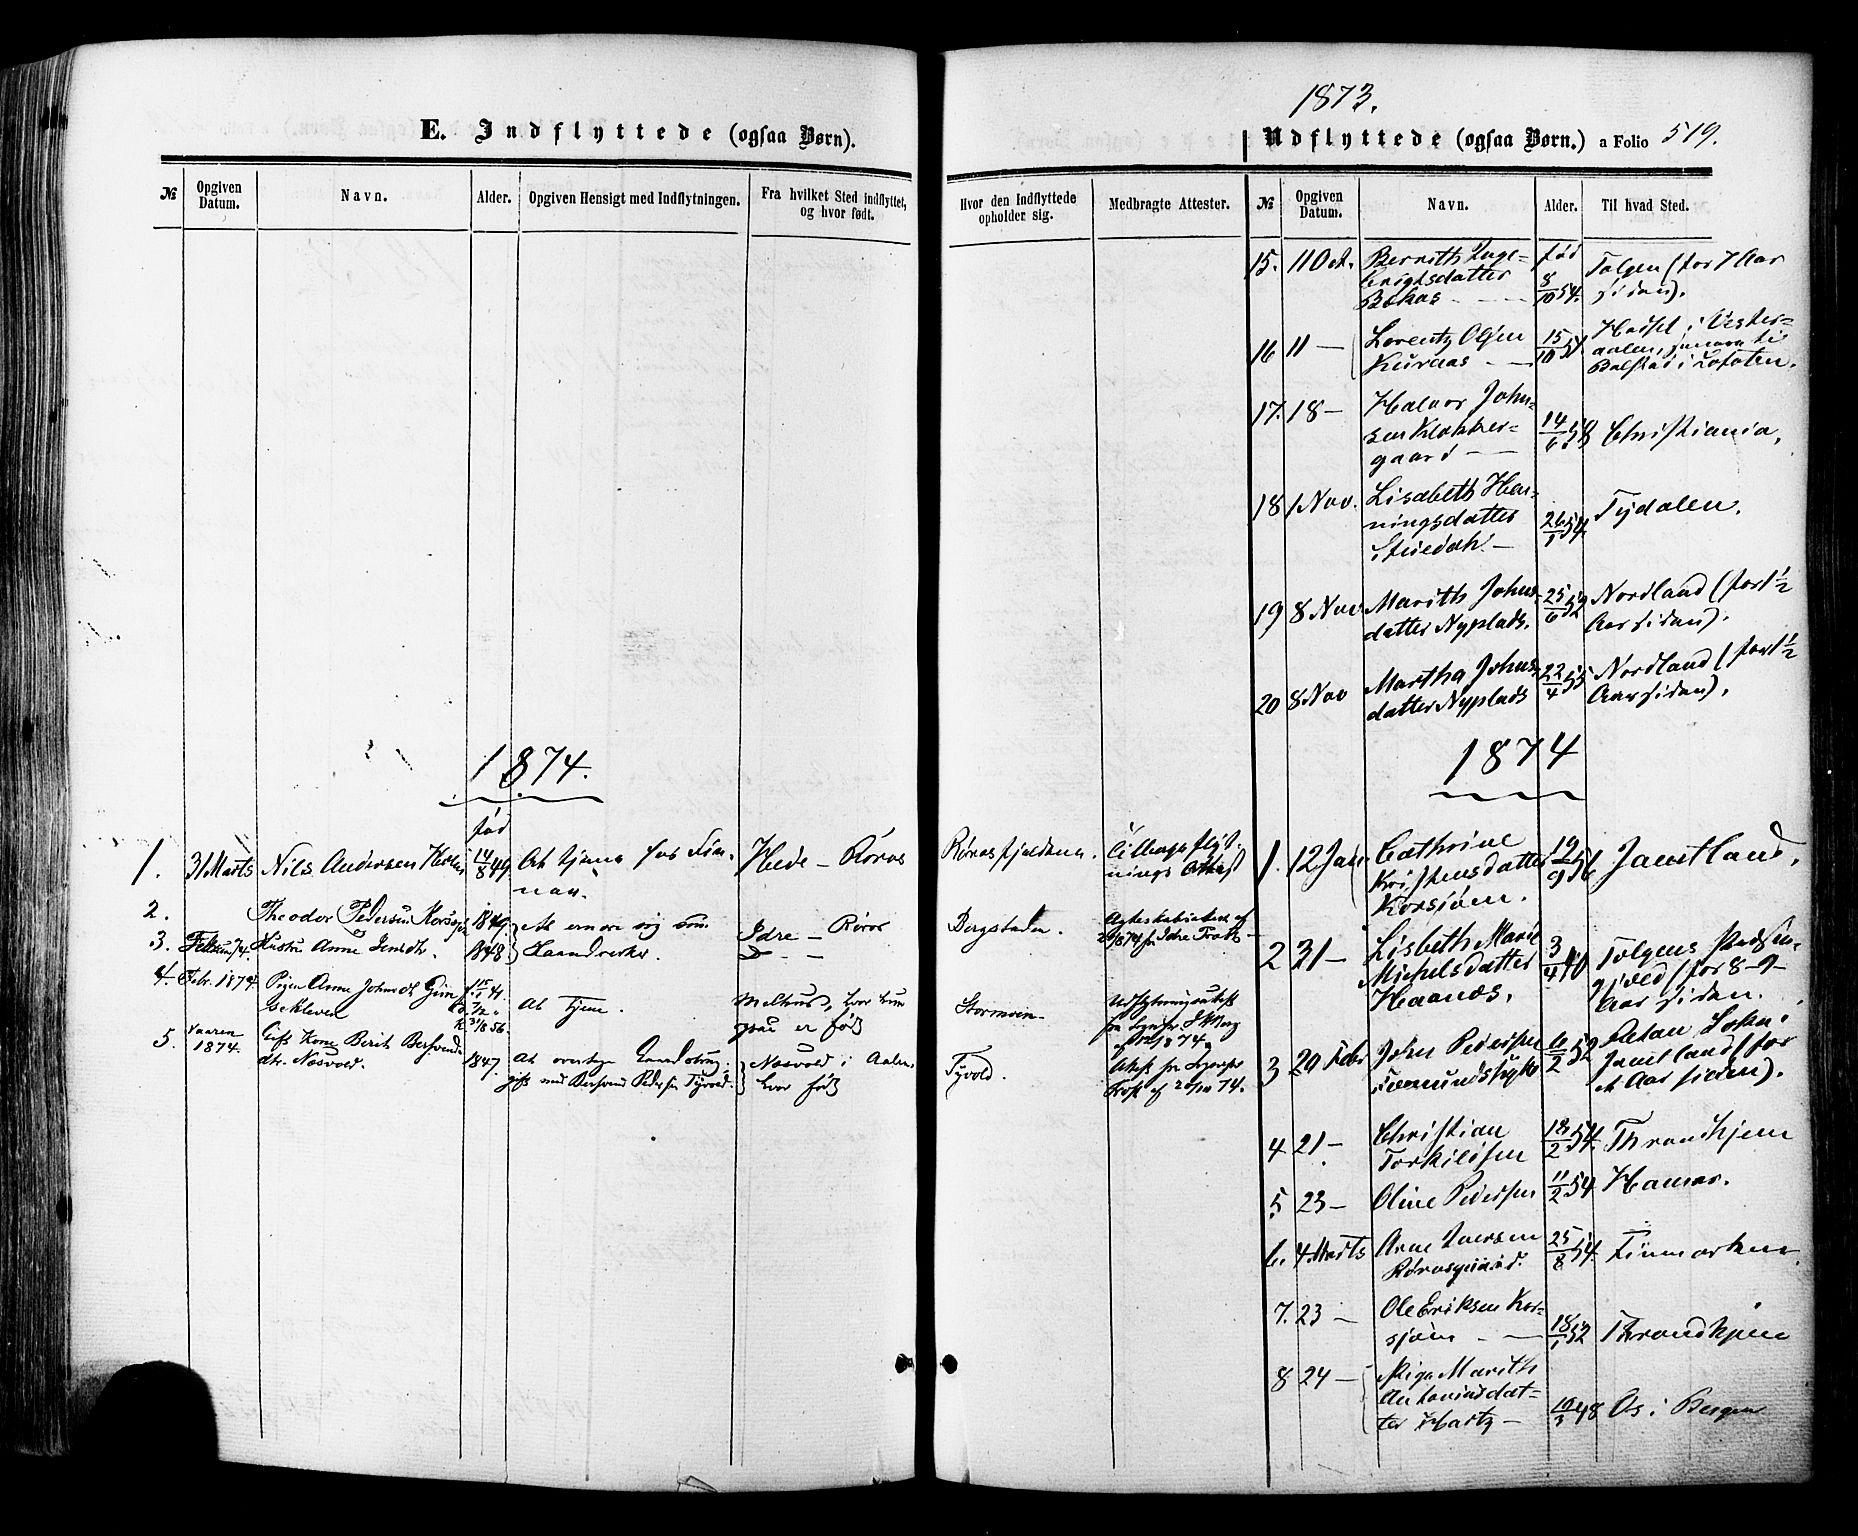 SAT, Ministerialprotokoller, klokkerbøker og fødselsregistre - Sør-Trøndelag, 681/L0932: Ministerialbok nr. 681A10, 1860-1878, s. 519